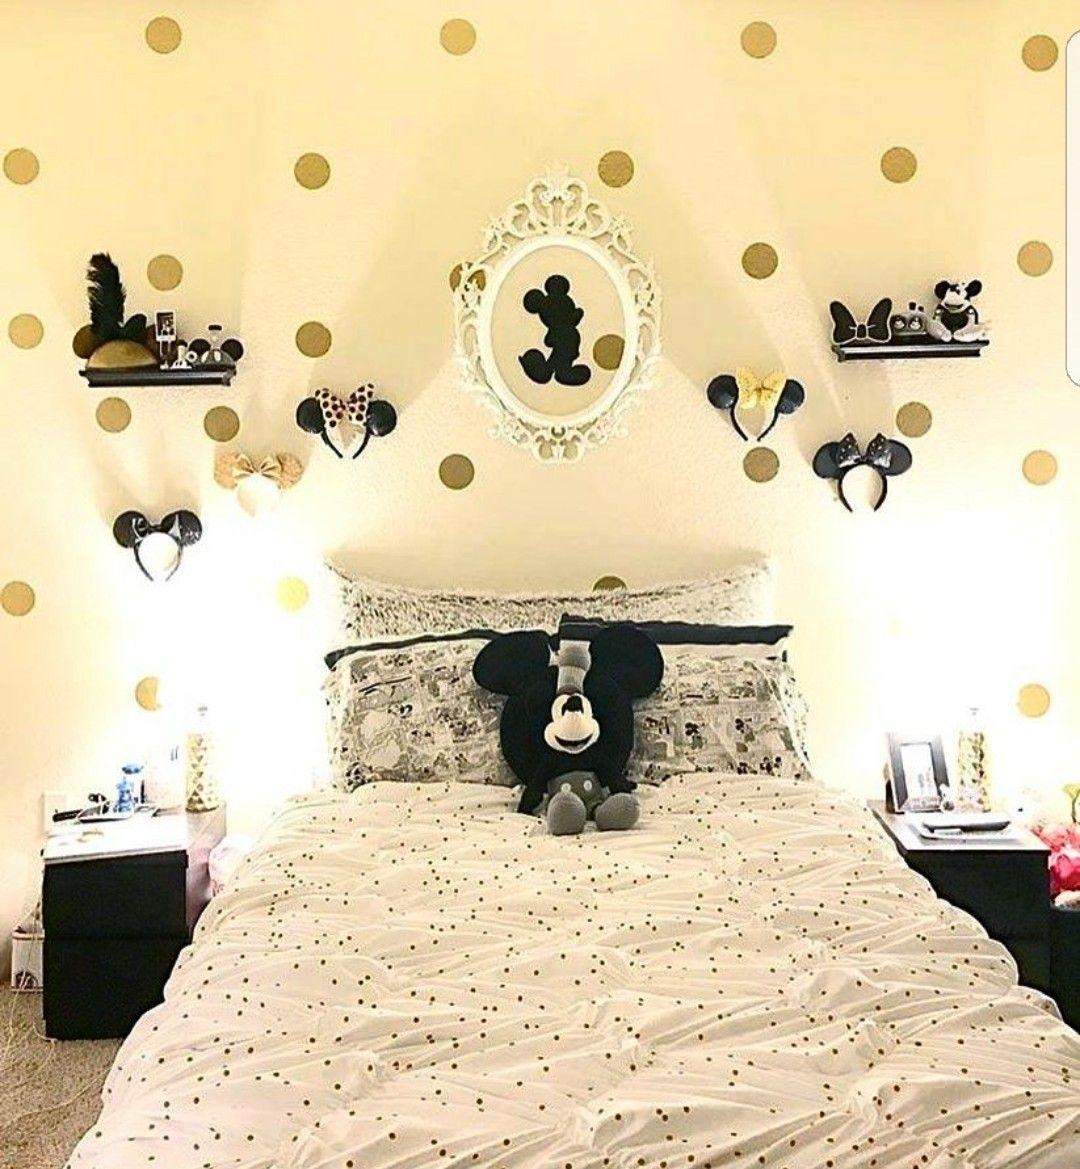 Disney home decor idea | Disney Guest Room | Pinterest | Bedrooms ...